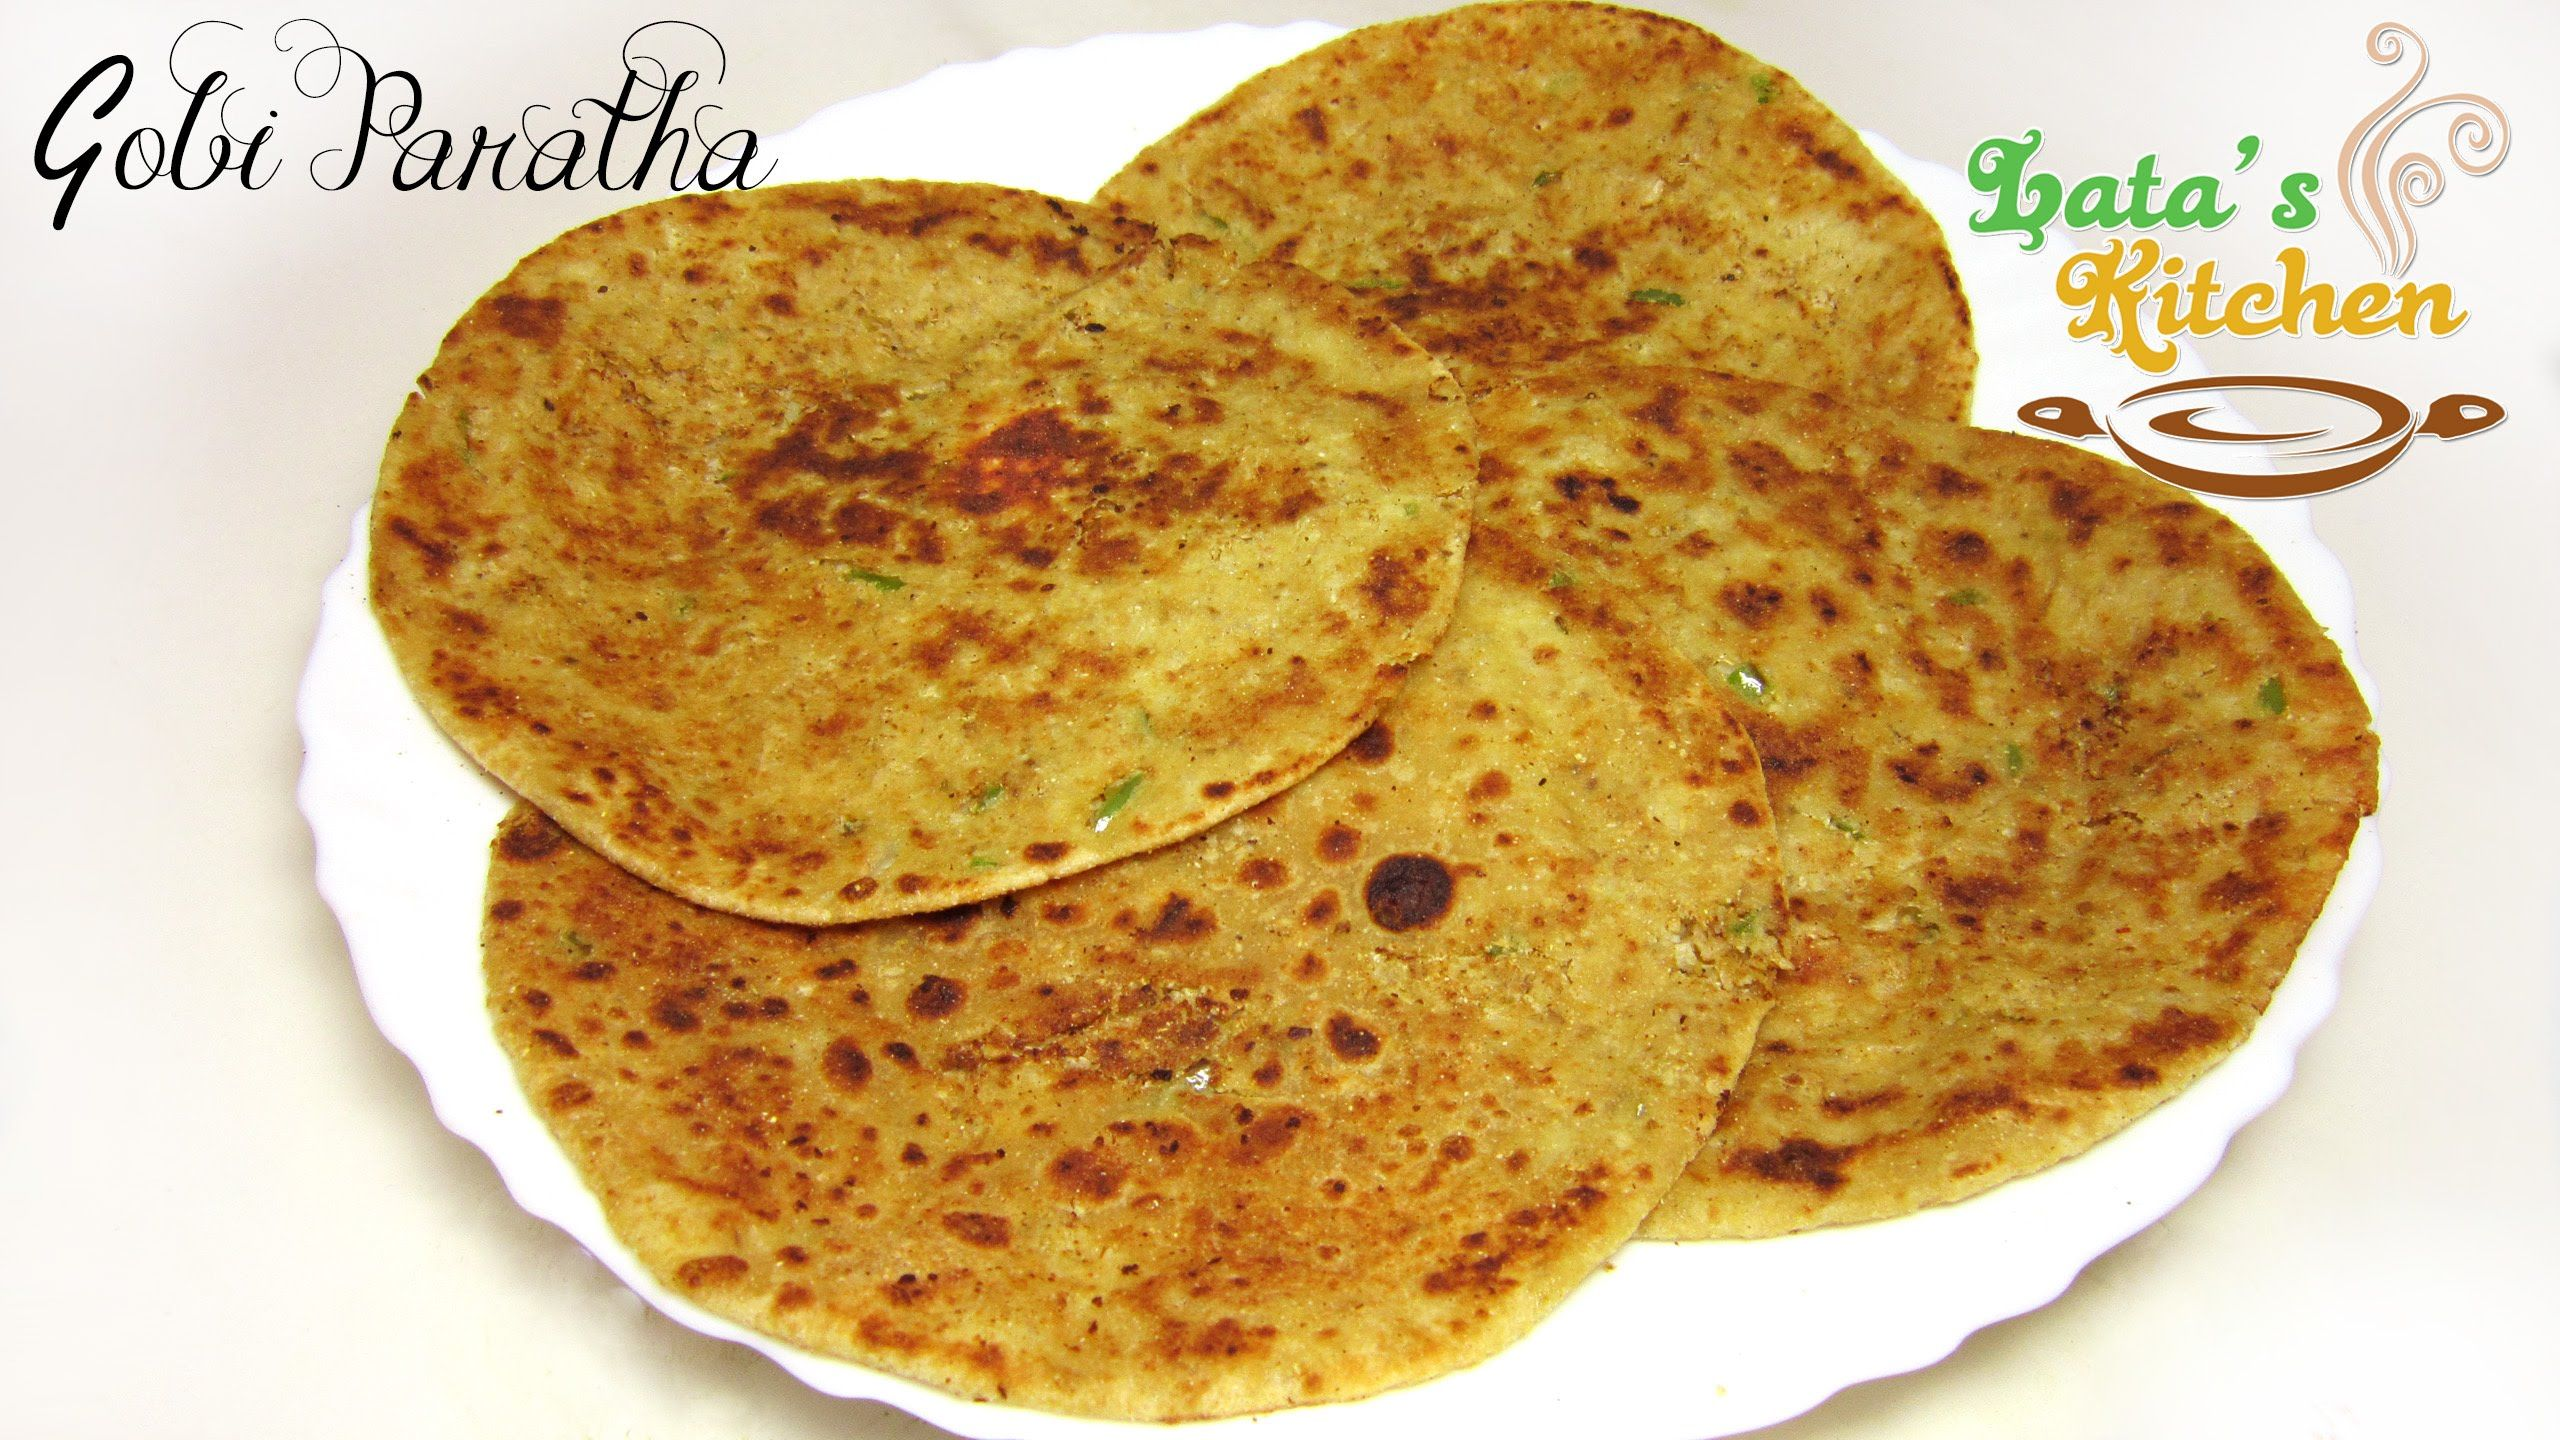 Gobi paratha recipe indian vegetarian recipe video in hindi with gobi paratha recipe indian vegetarian recipe video in hindi with english subtitles forumfinder Choice Image